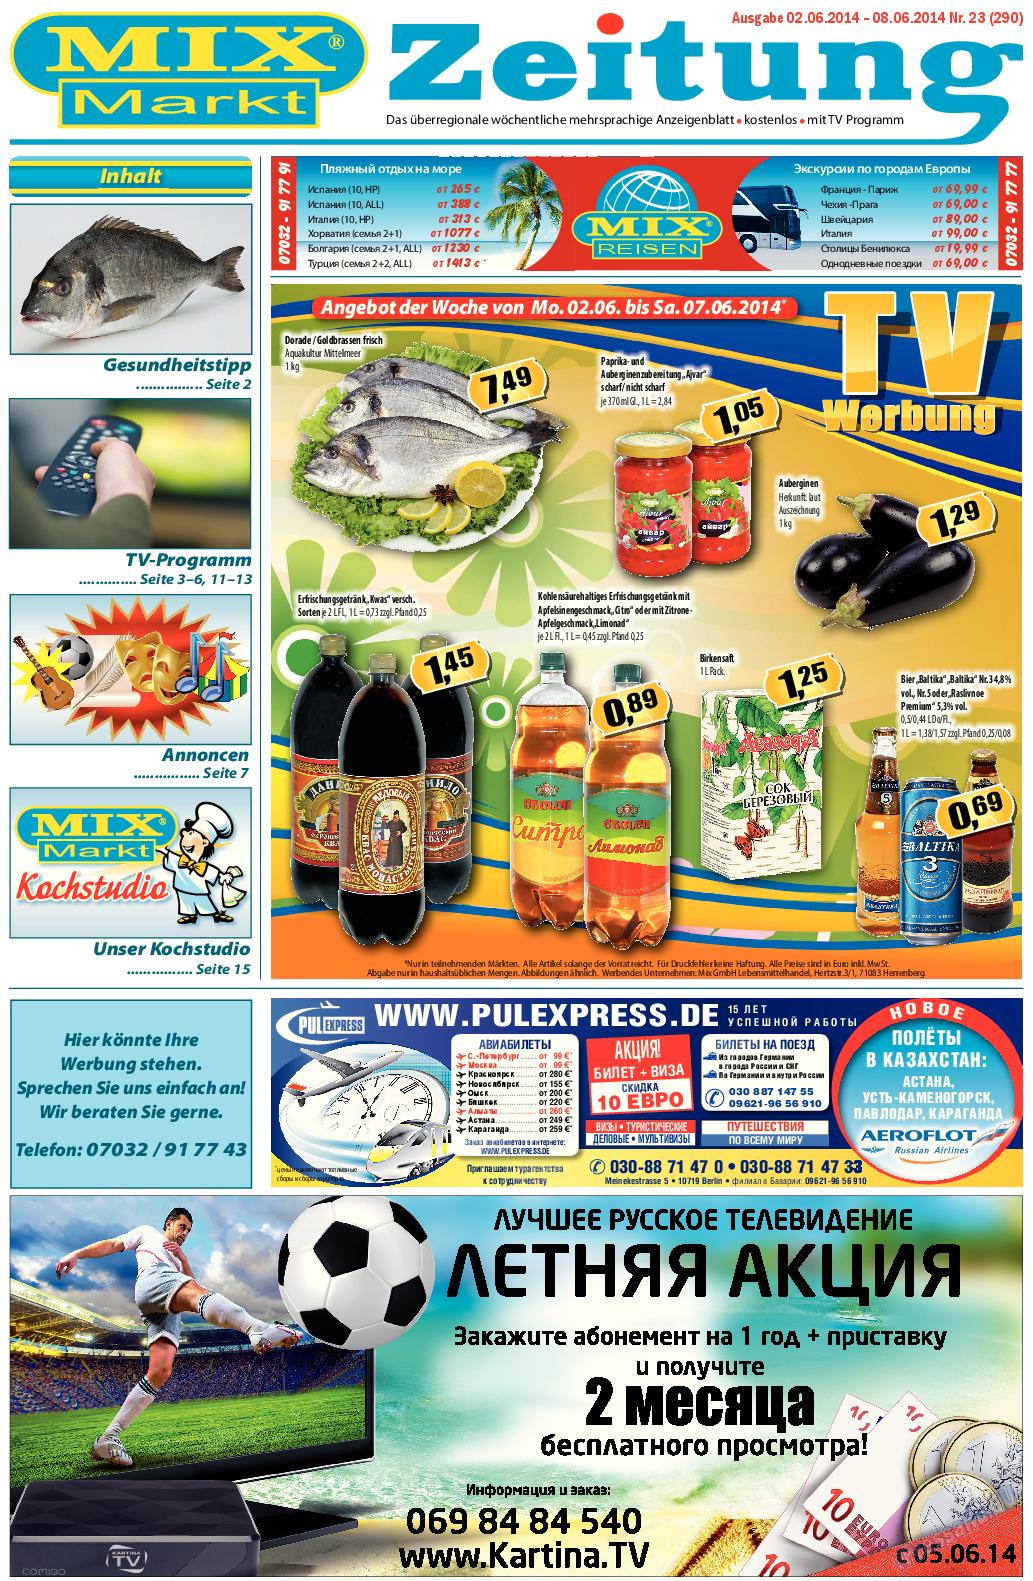 MIX-Markt Zeitung (газета). 2014 год, номер 23, стр. 1